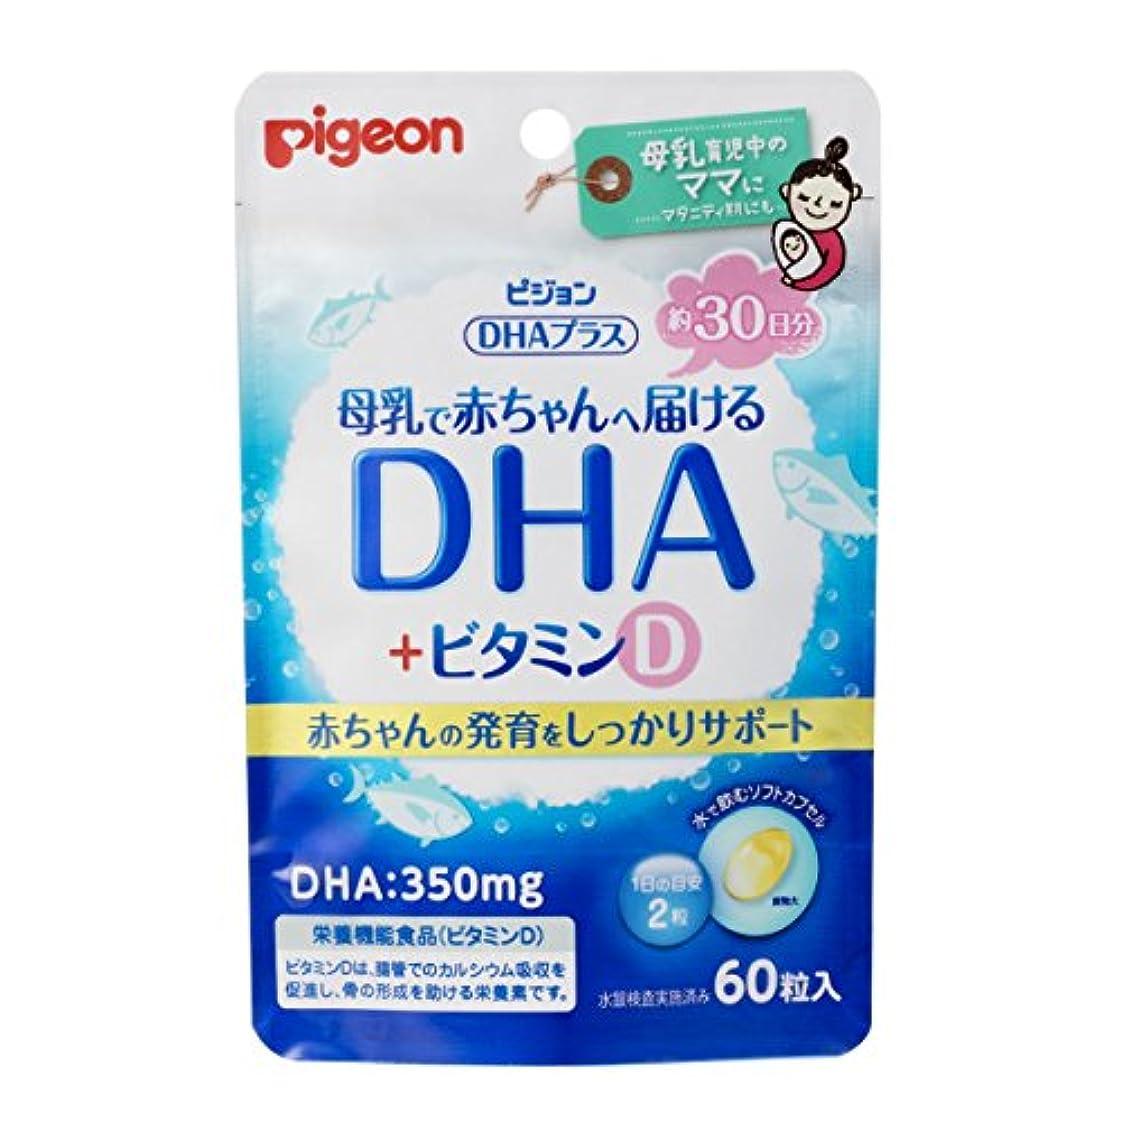 技術的な却下するトラップ※ピジョン 母乳で赤ちゃんへ届けるDHA+ビタミンD 60粒入×20個セット